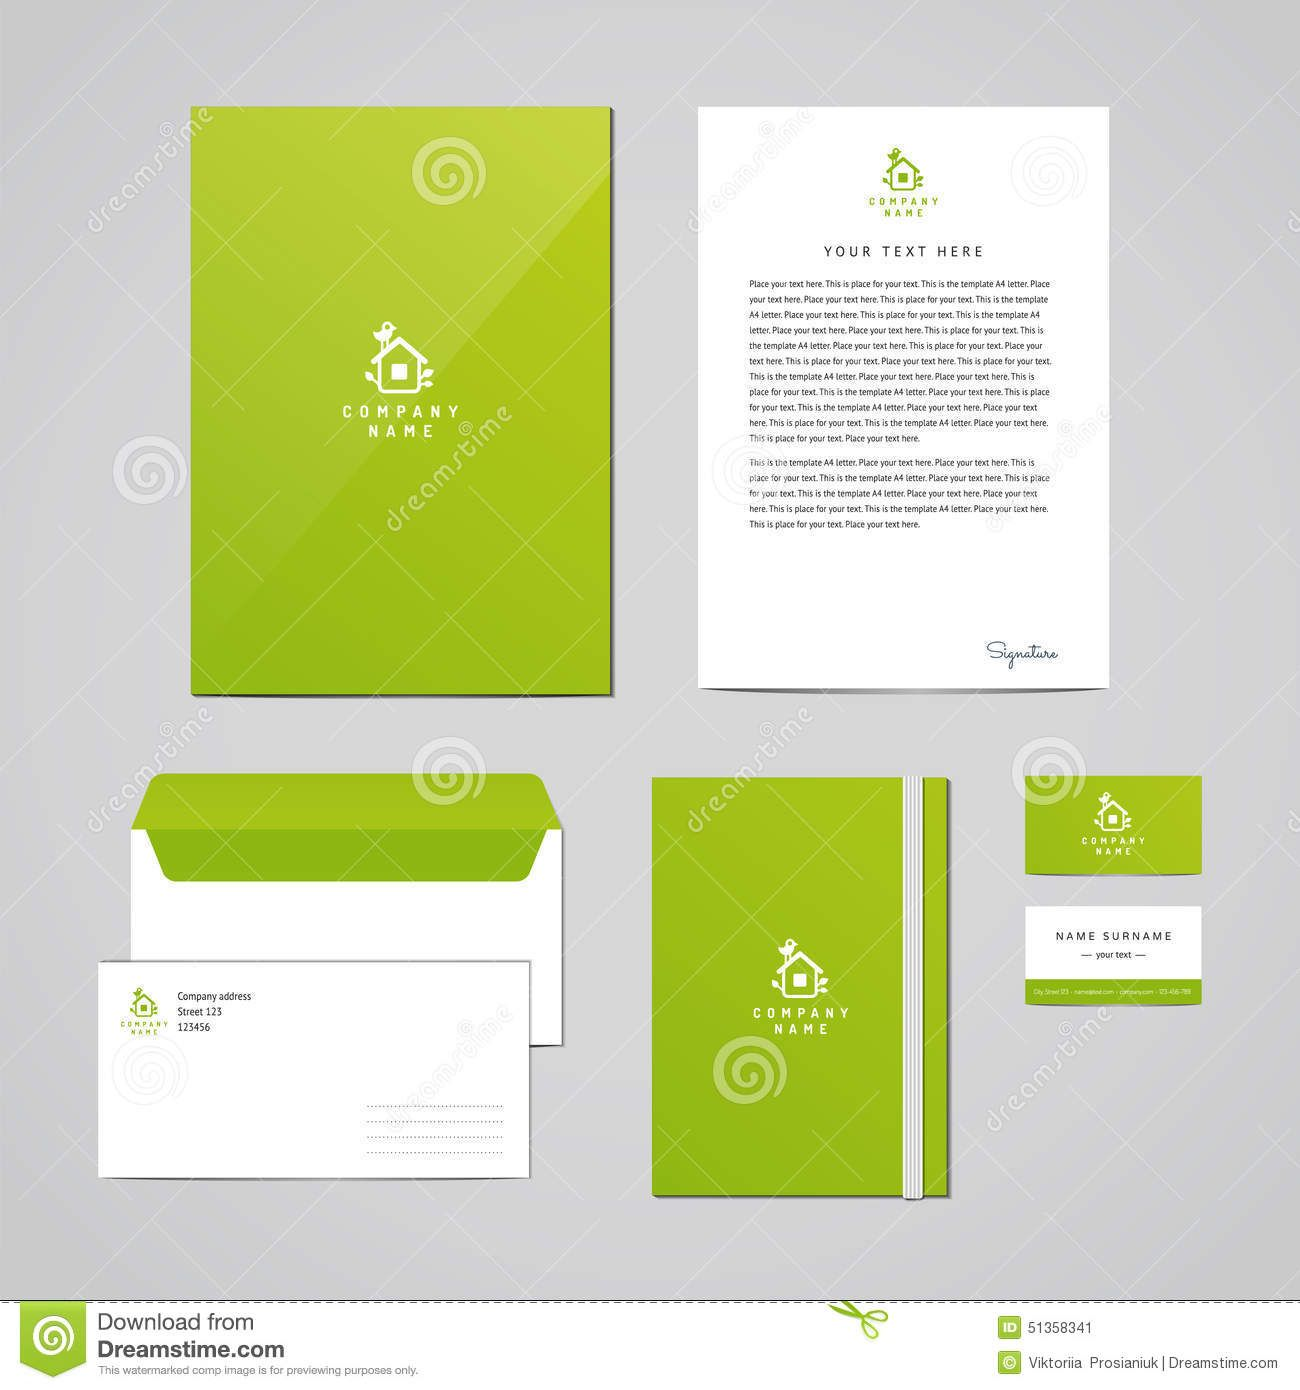 Related Image  Avt  Corporate Design  Branding